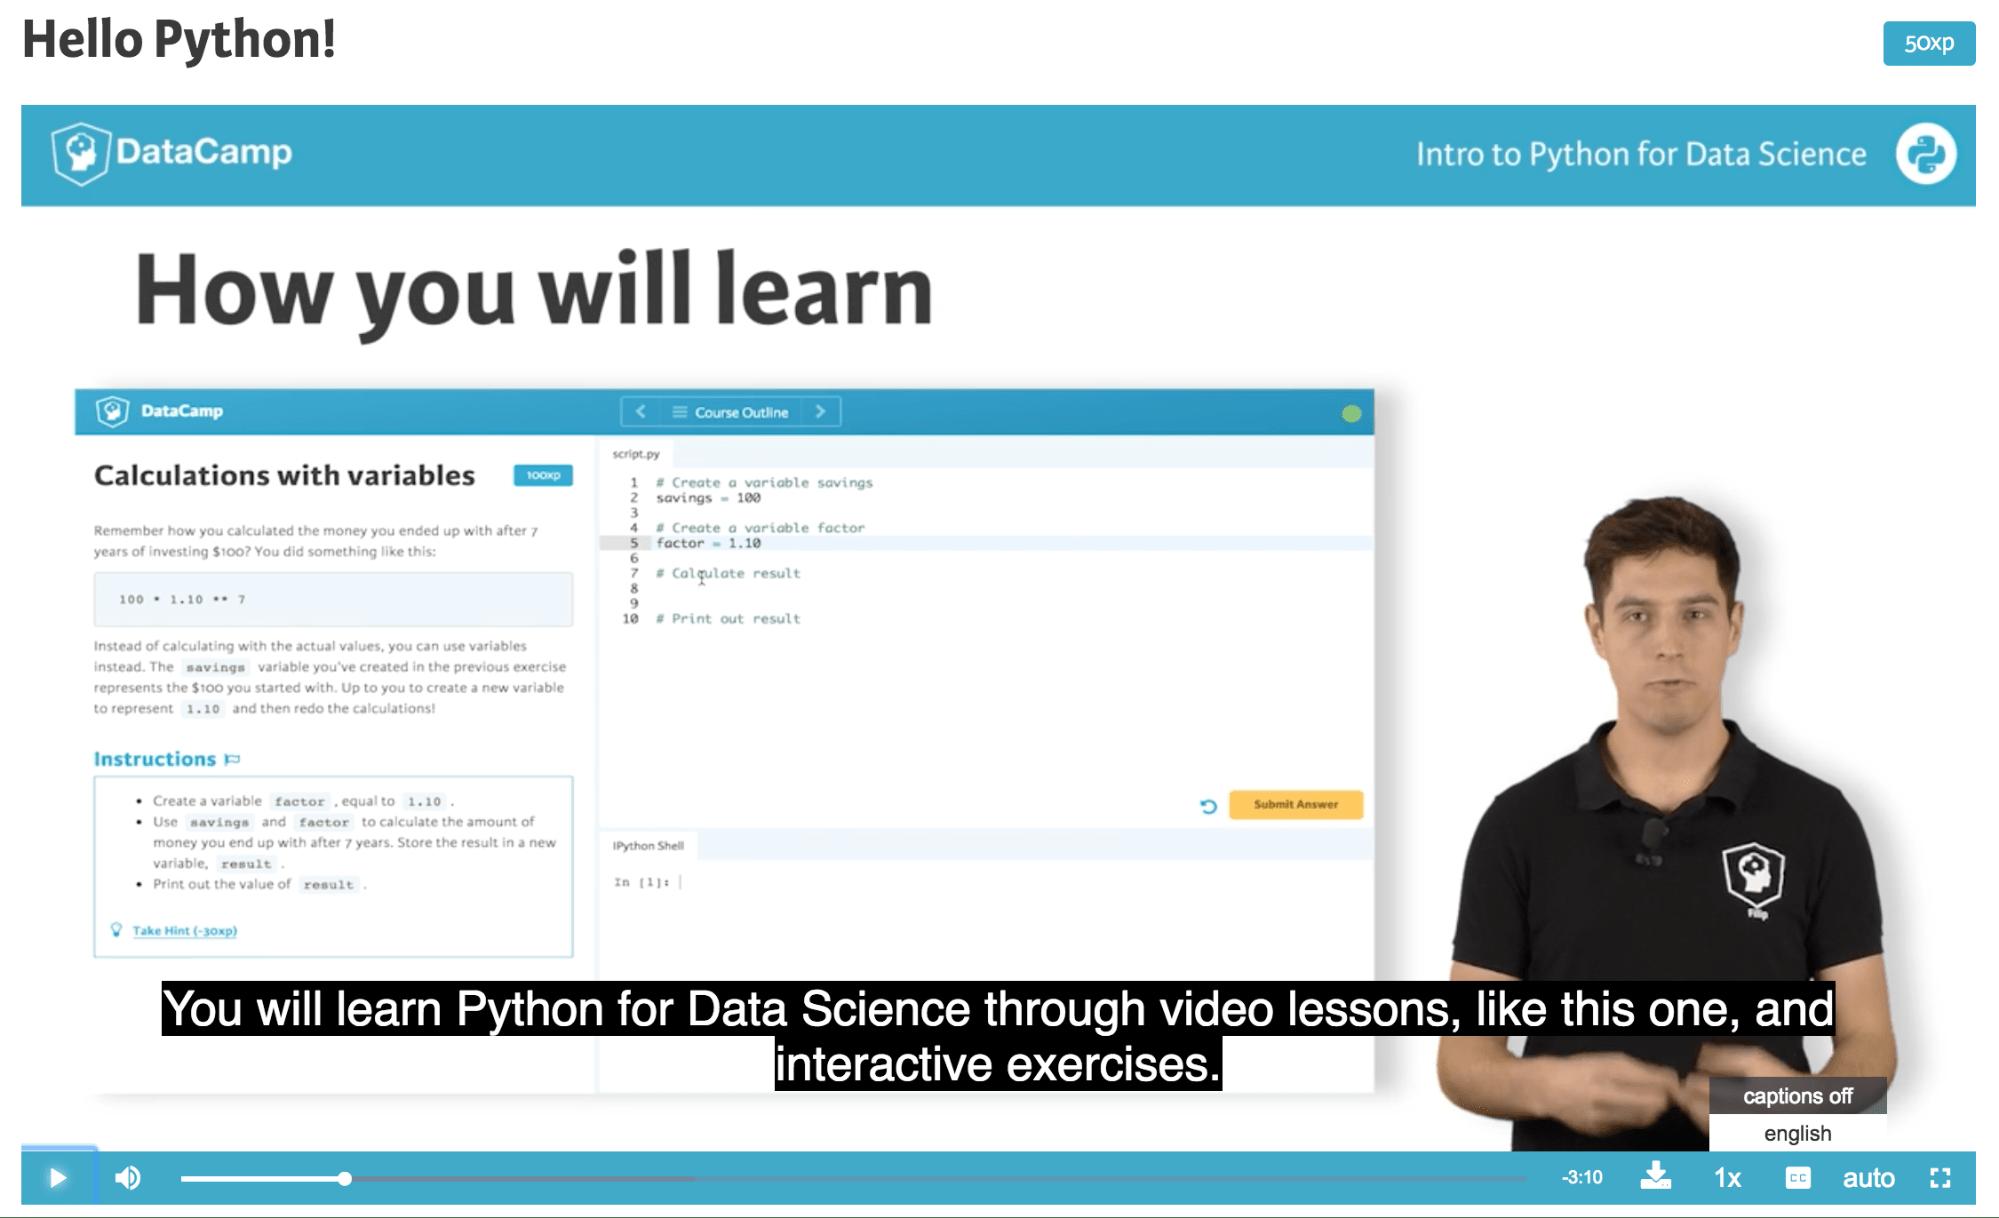 DataCamp courses subtitles